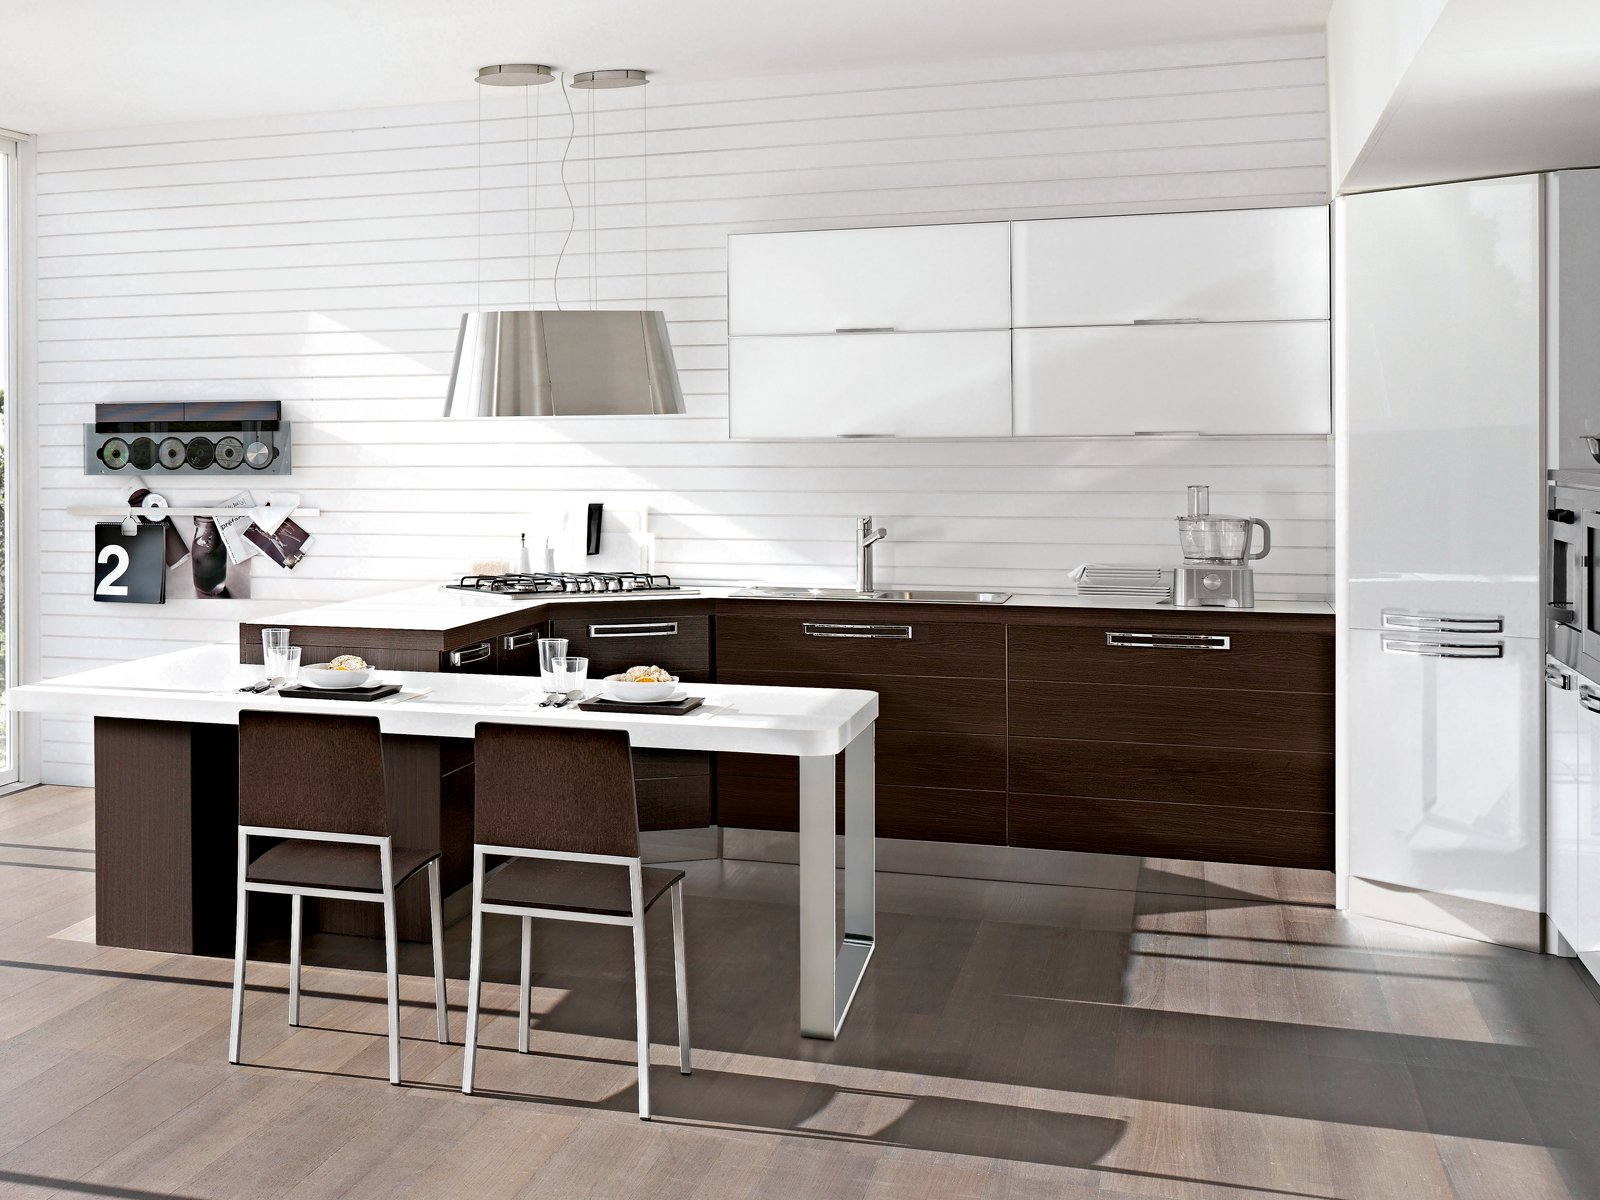 La cucina in soggiorno cose di casa - Cucina senza piastrelle ...